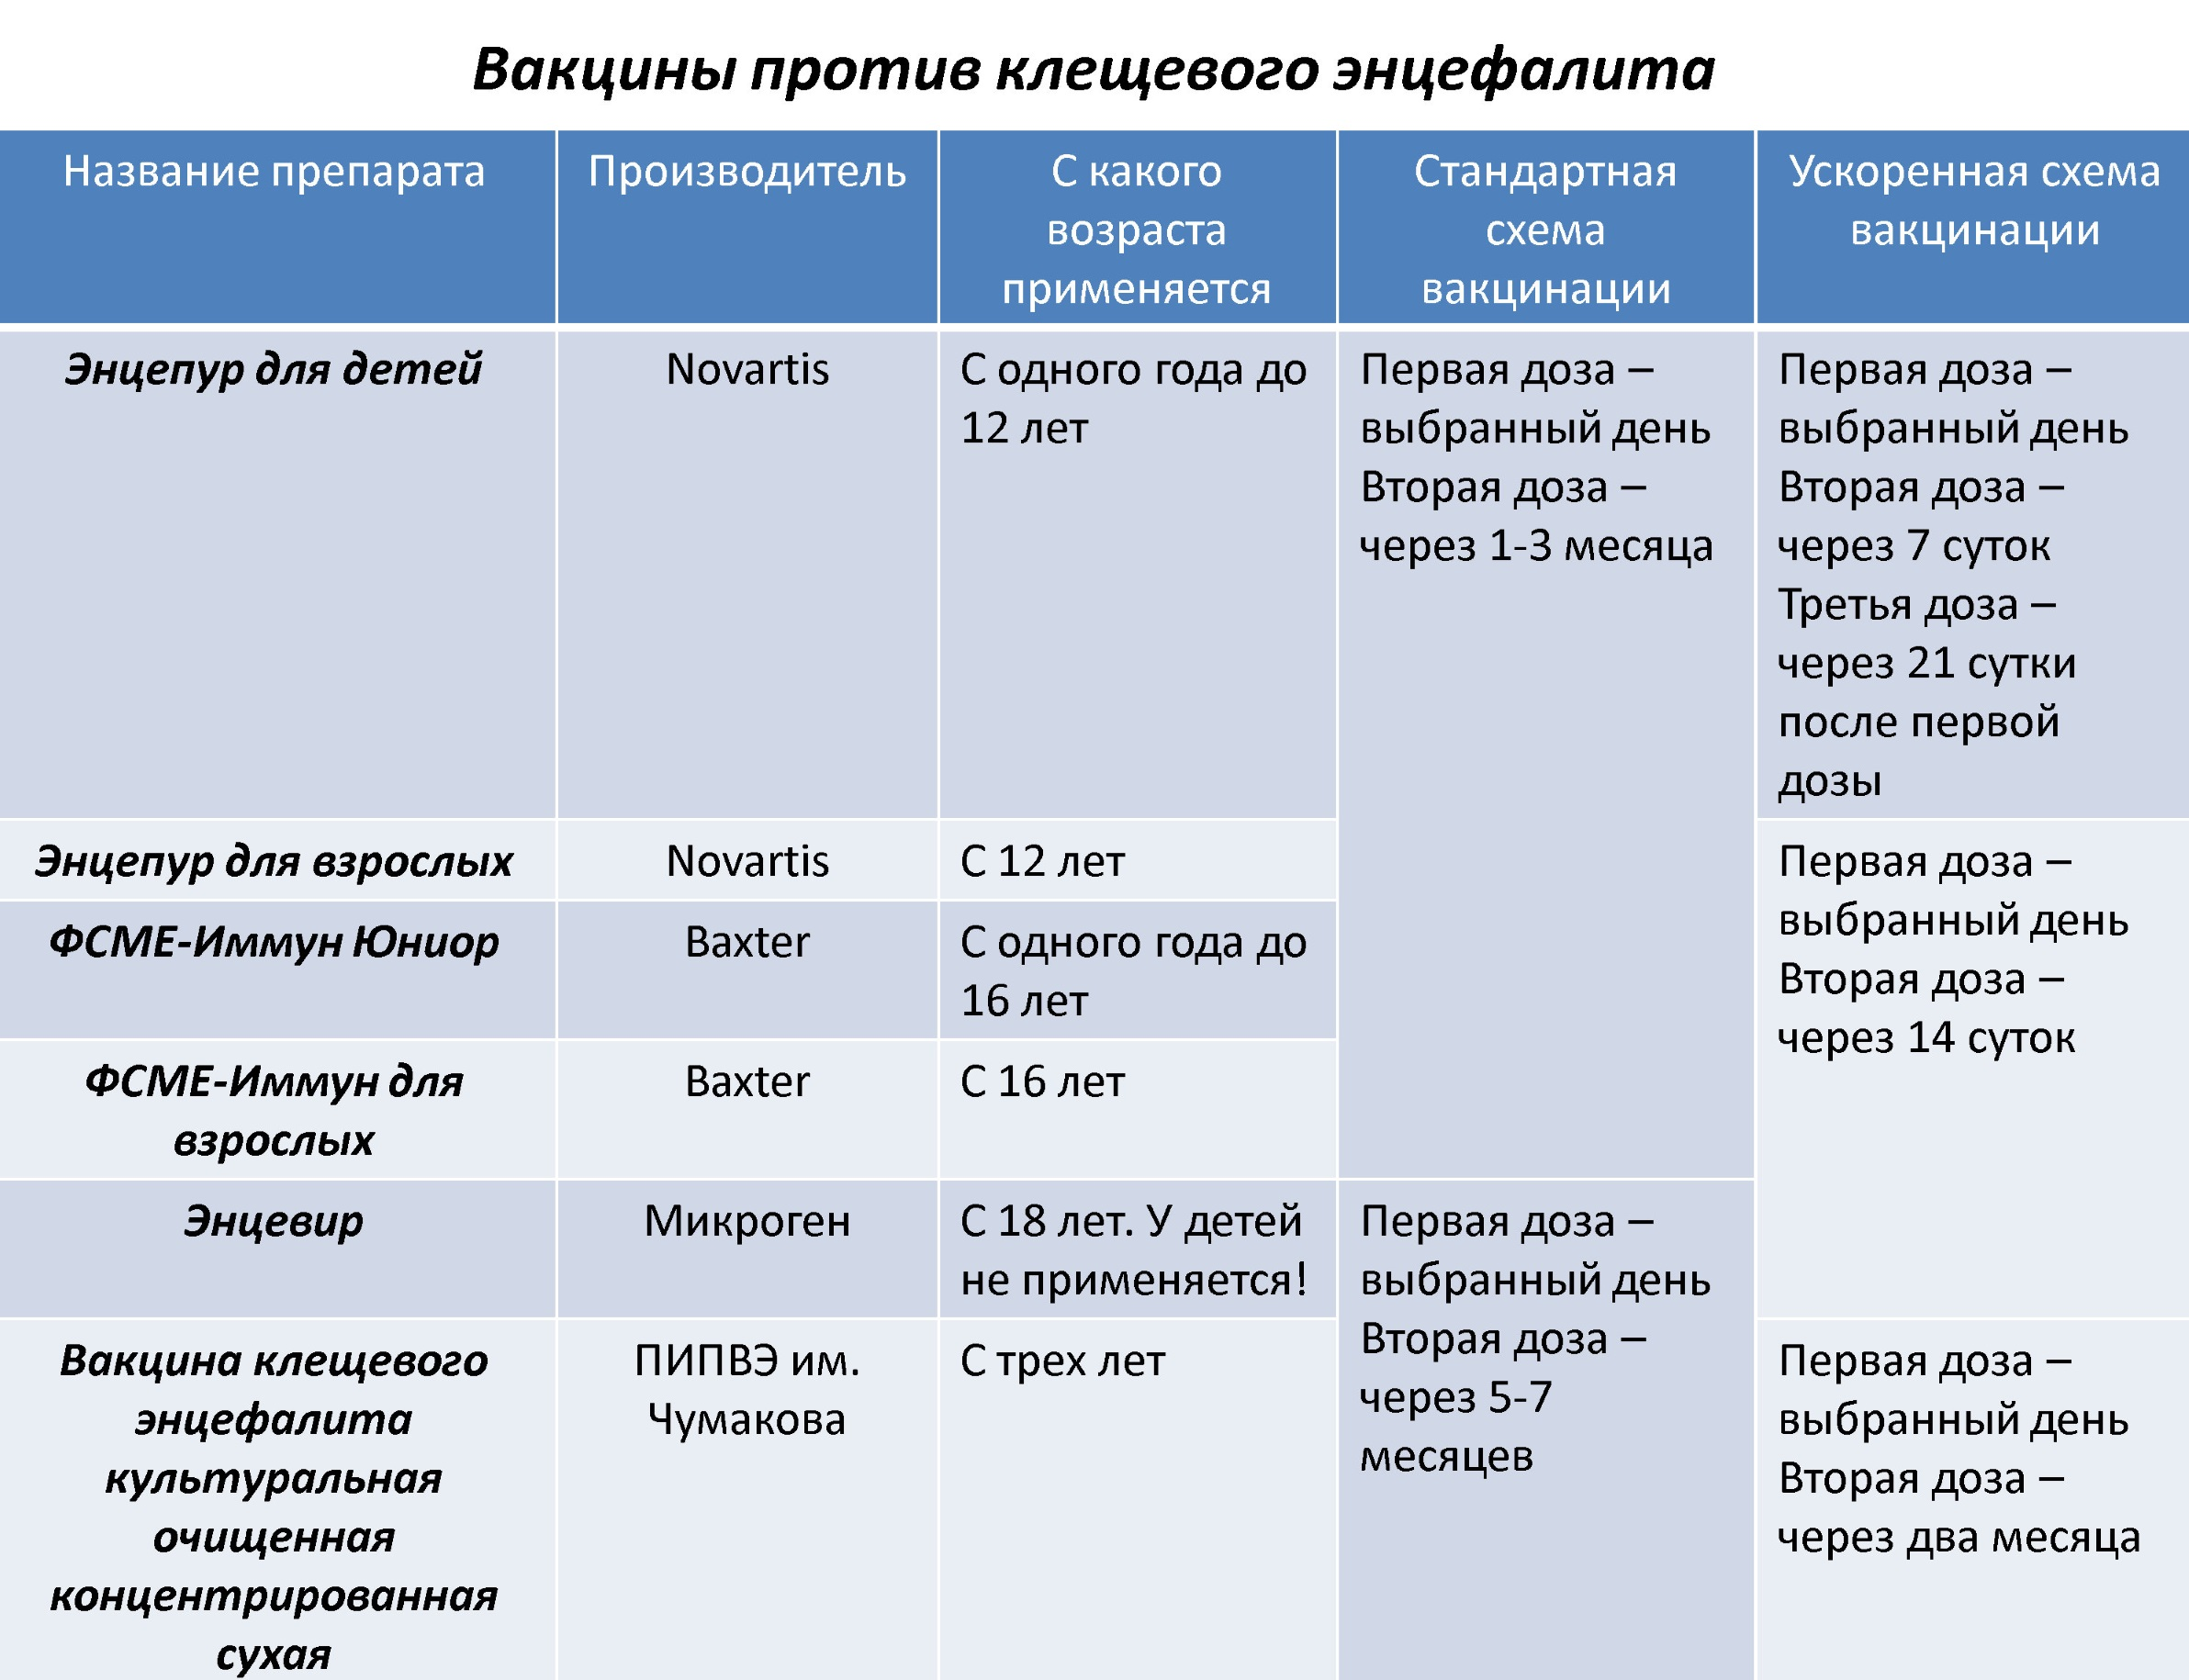 Прививка от клещевого энцефалита детям: схема вакцинации от энцефалитного клеща, с какого возраста прививают, побочные эффекты от вакцины, отзывы